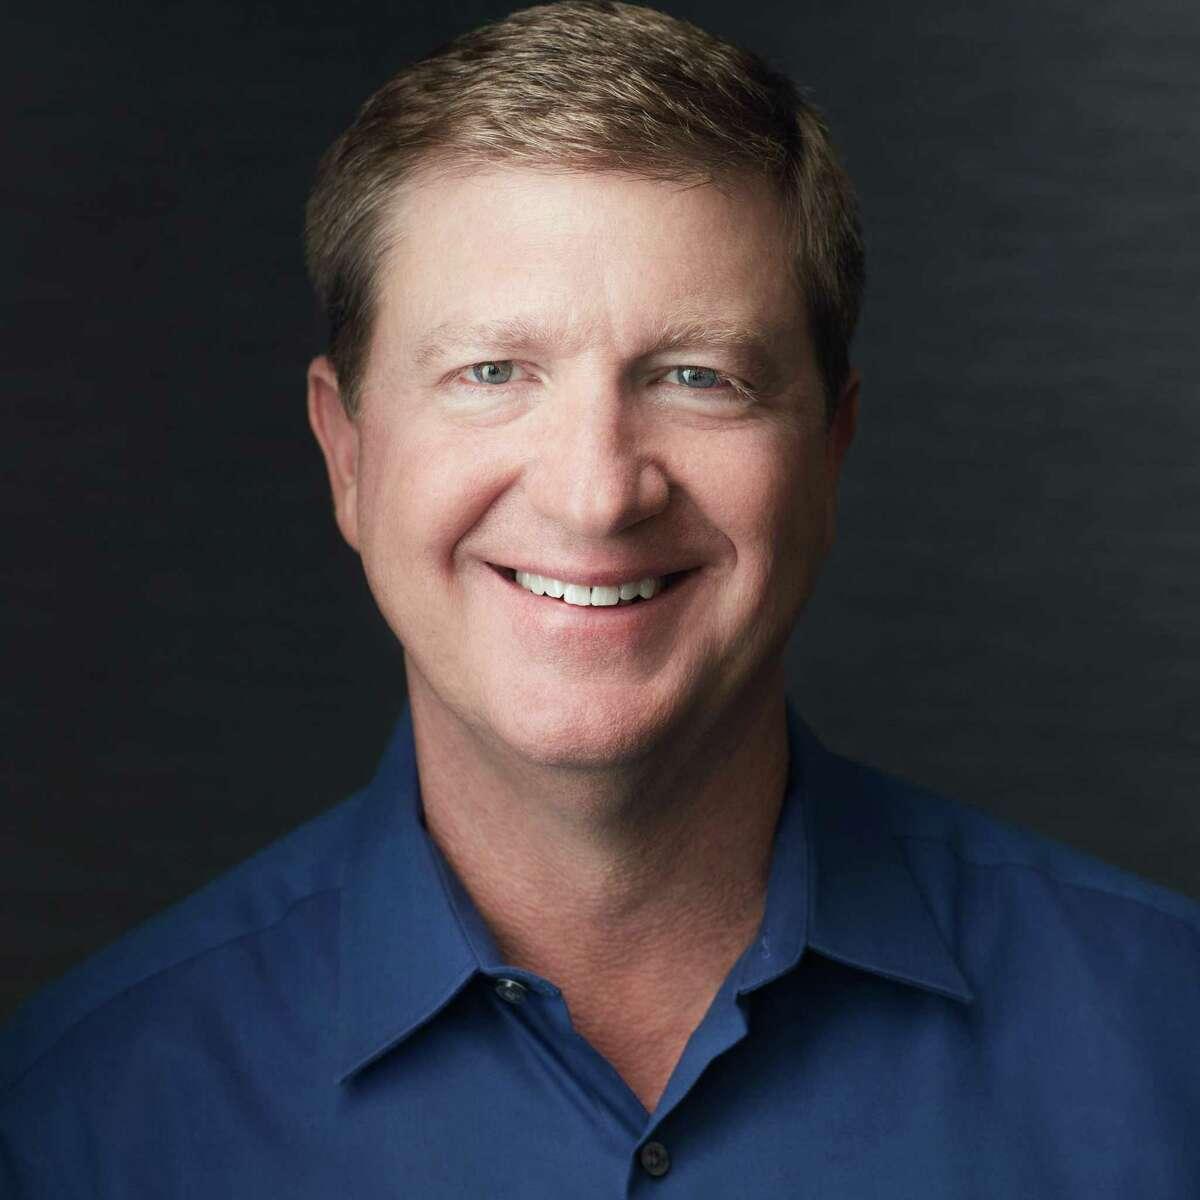 Scott Crowder, CIO of BMC Software